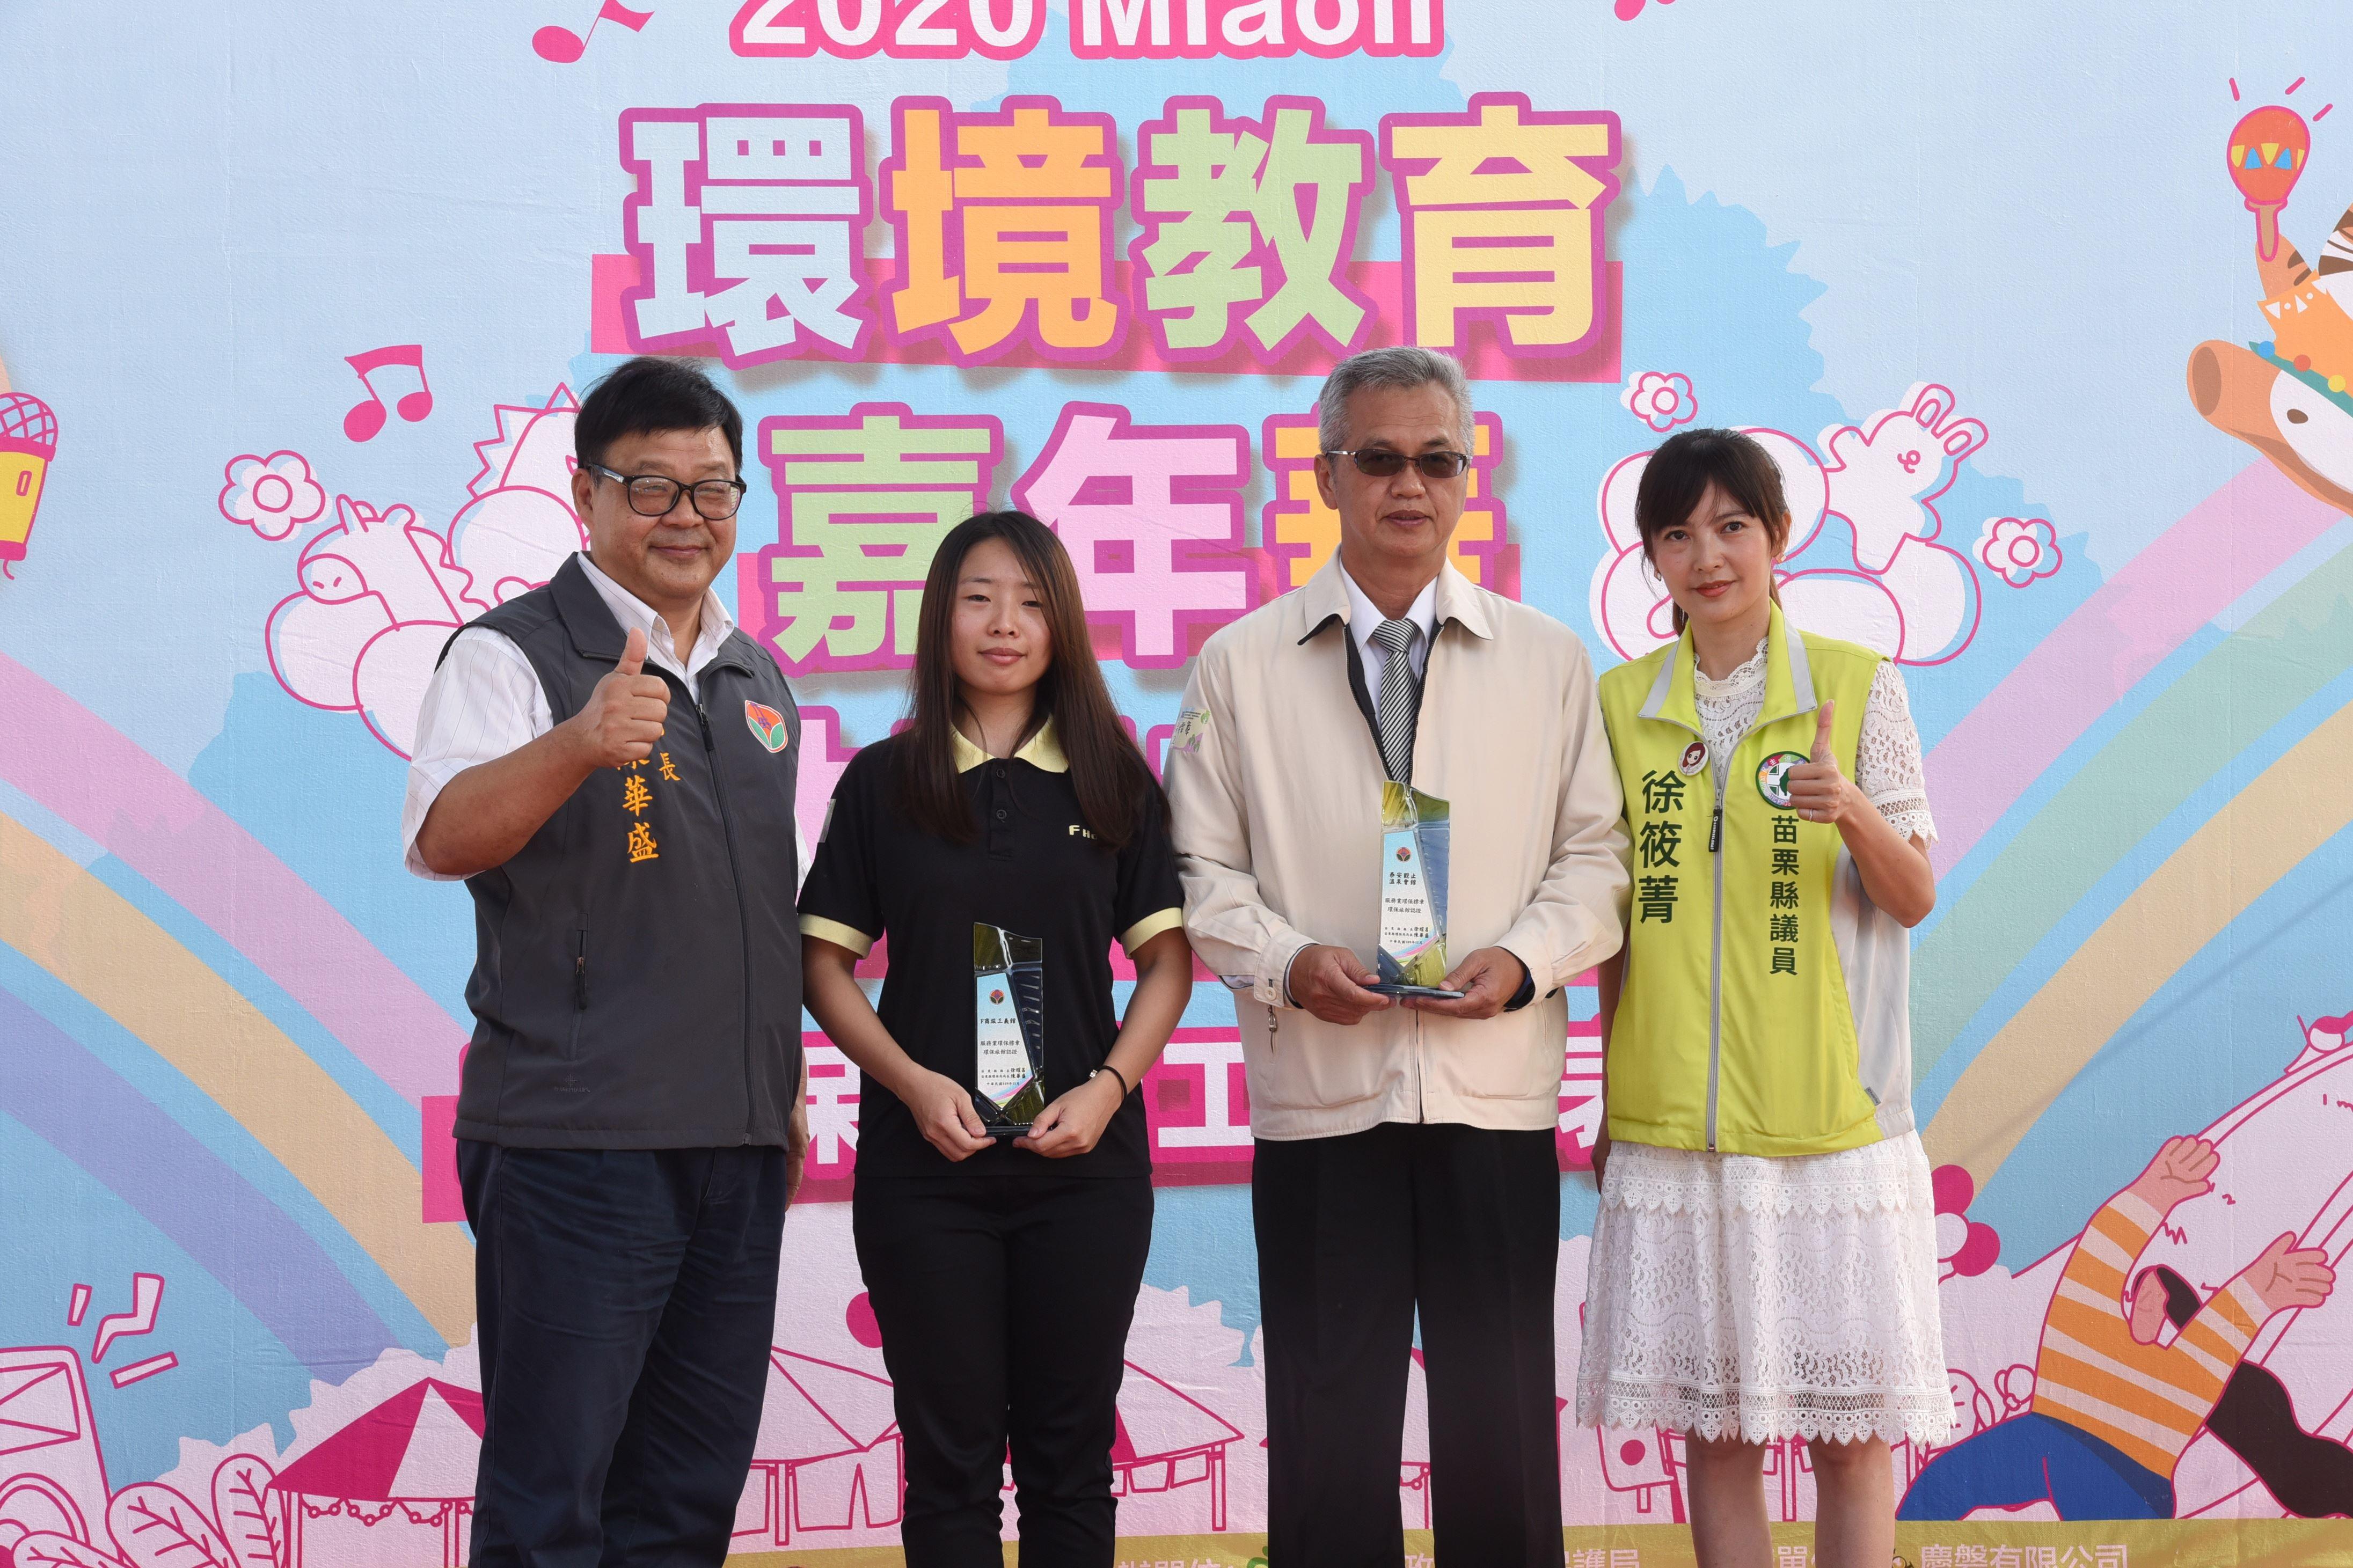 21G縣府-服務業環保標章DSC_2538.JPG